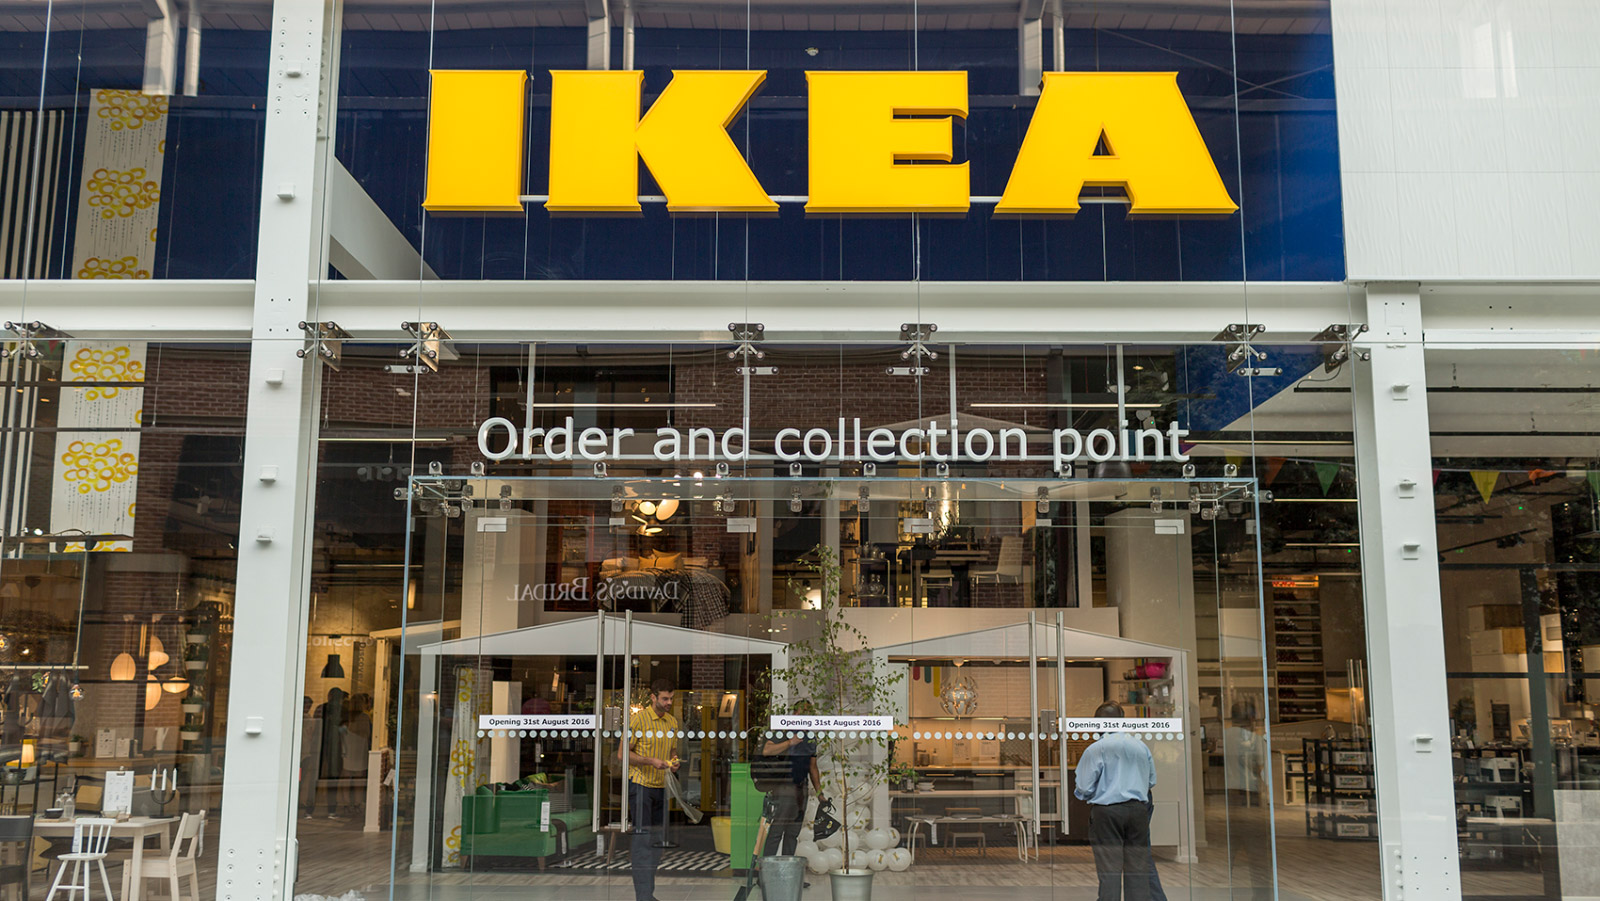 IKEA z chatbotem drugiej generacji Technologia mediarun ikea sklep chatbot 2020